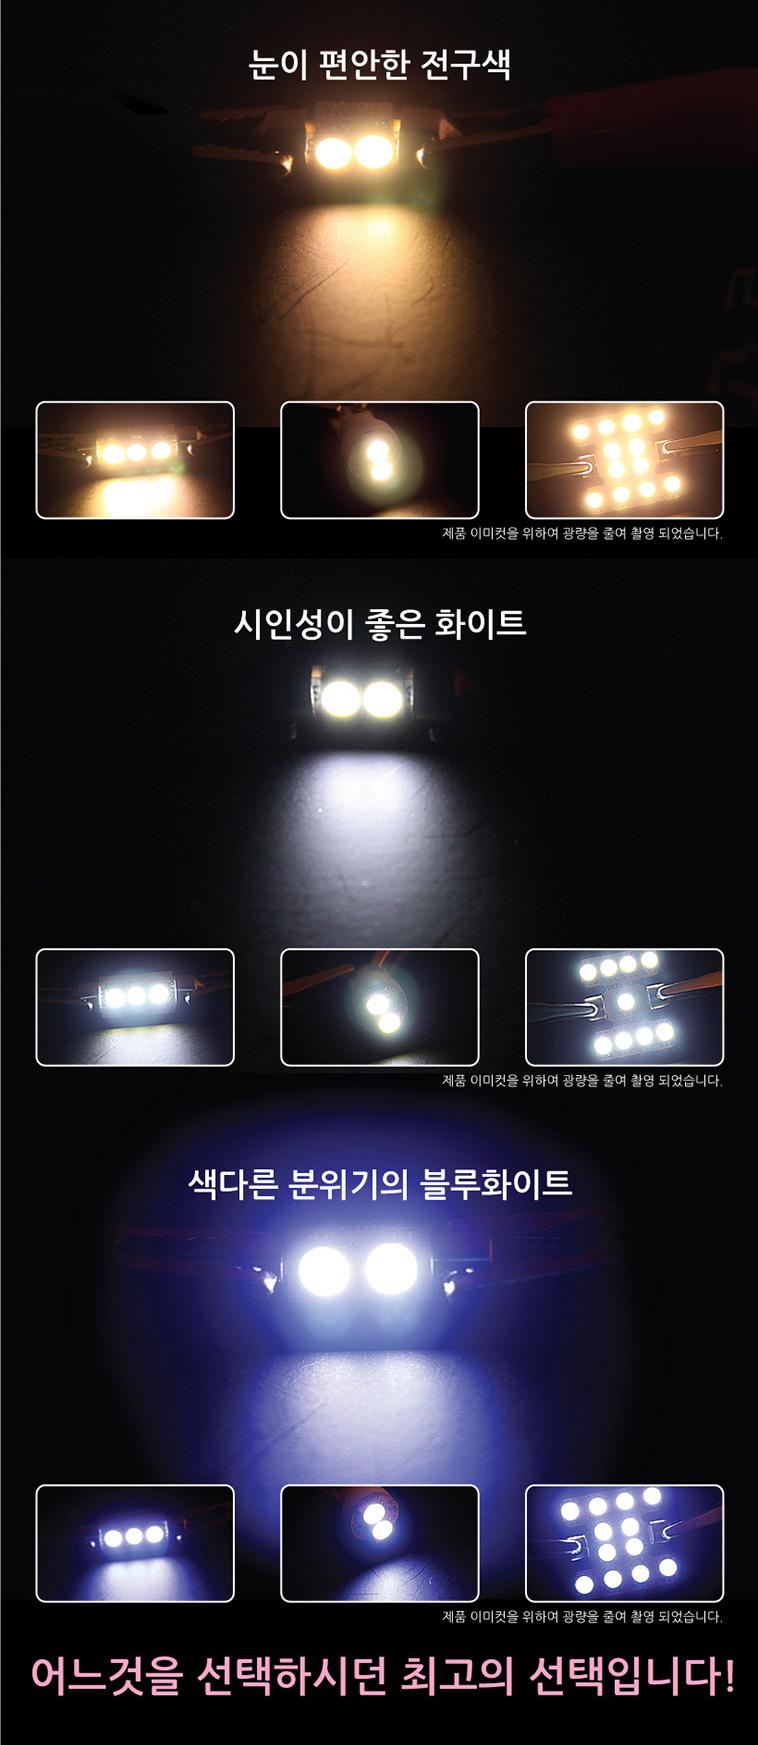 [마이카] 카니발 그랜드 R LED실내등 - 상세정보